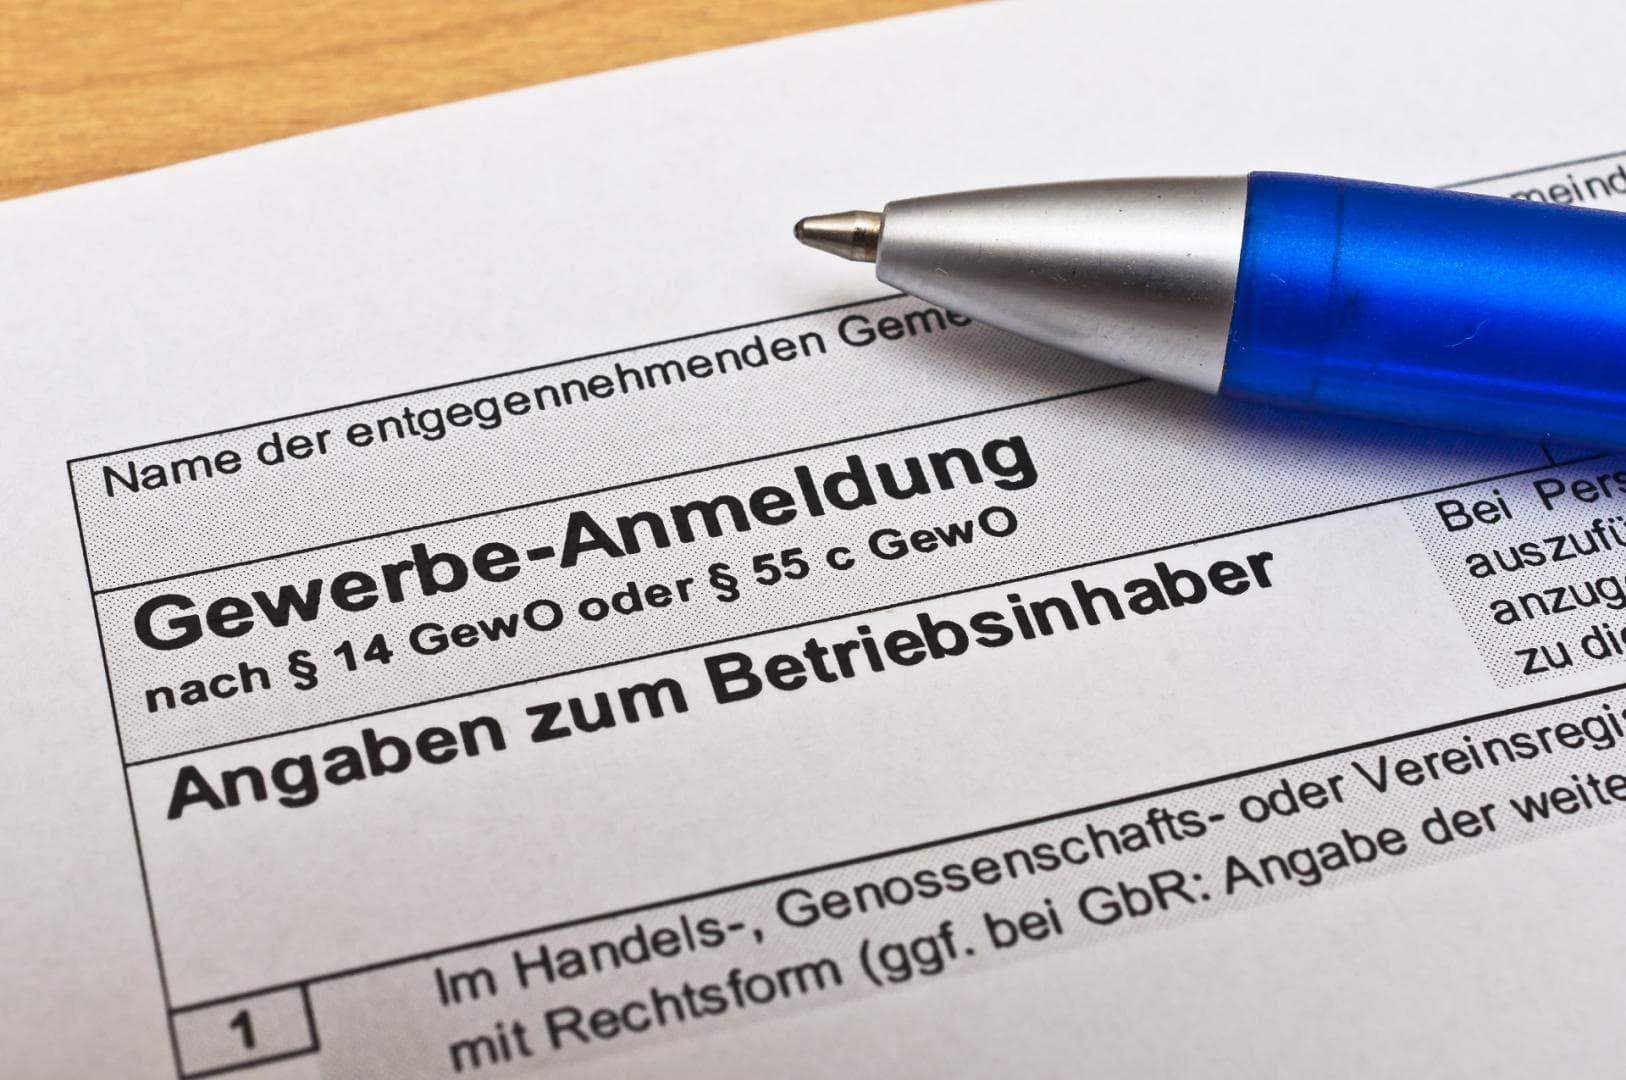 Rechtsform für Gewerbeanmeldung